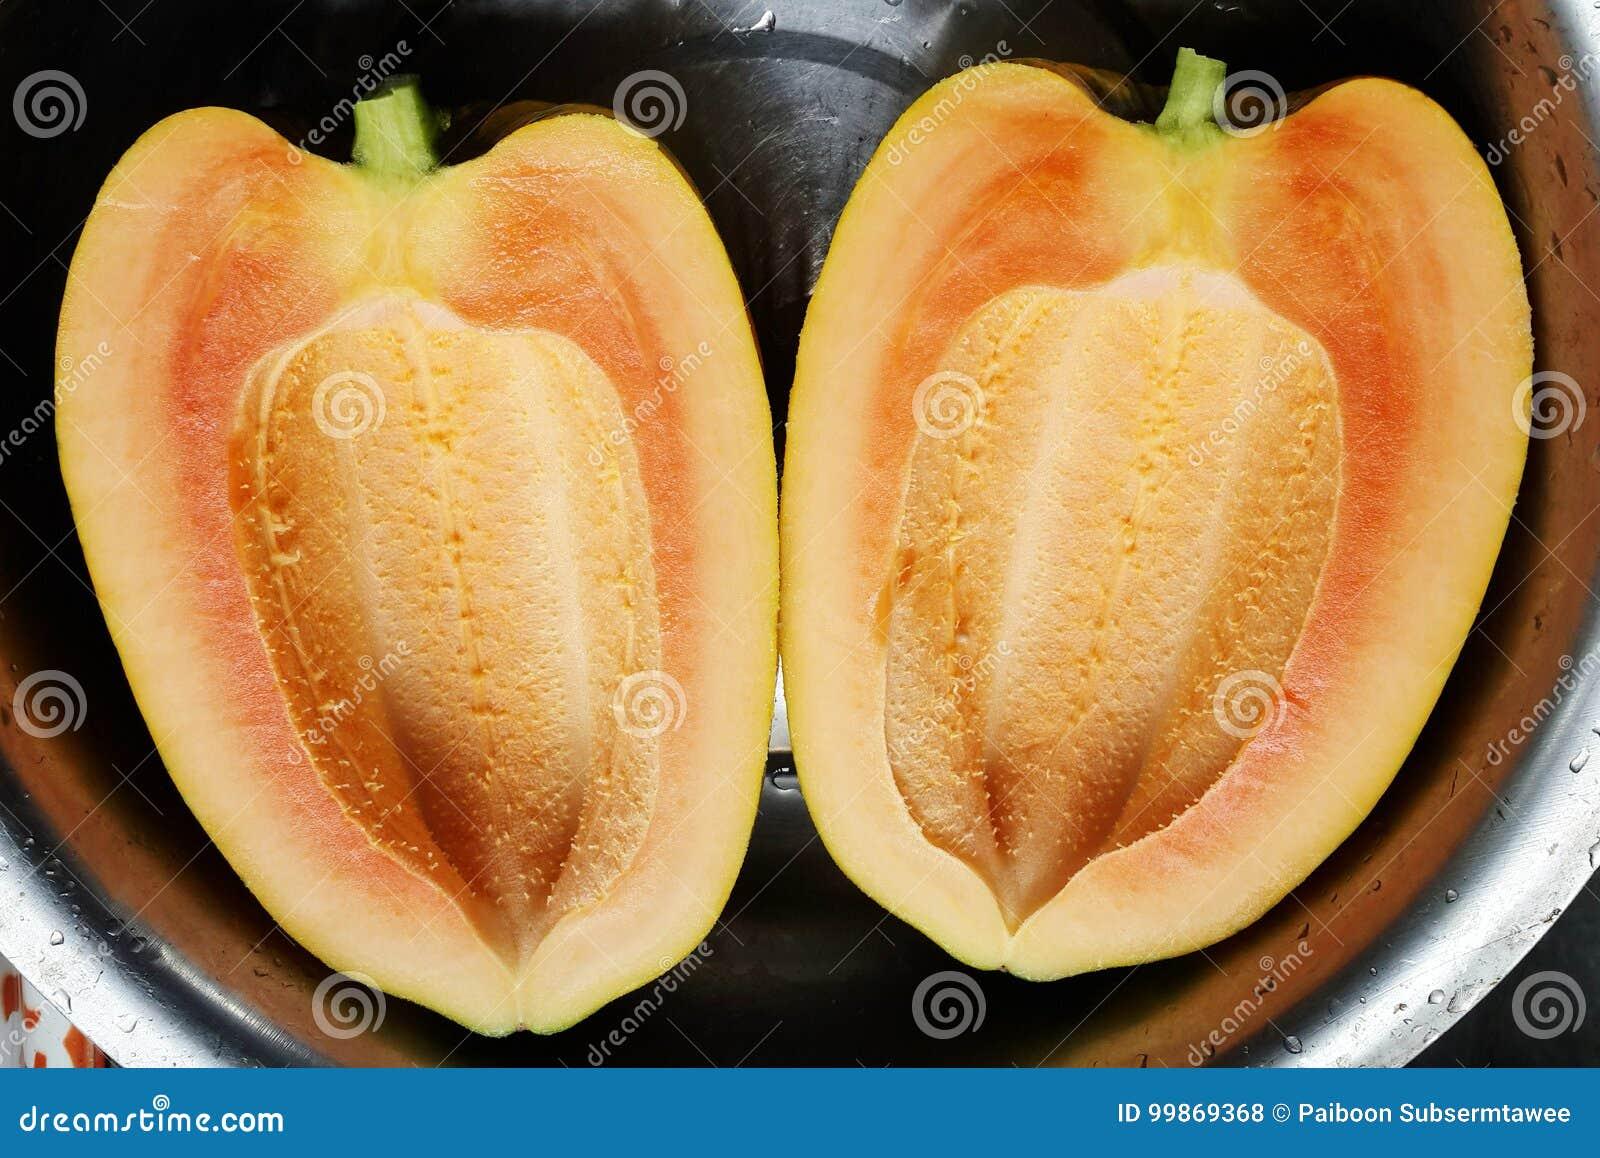 Frutta popolare